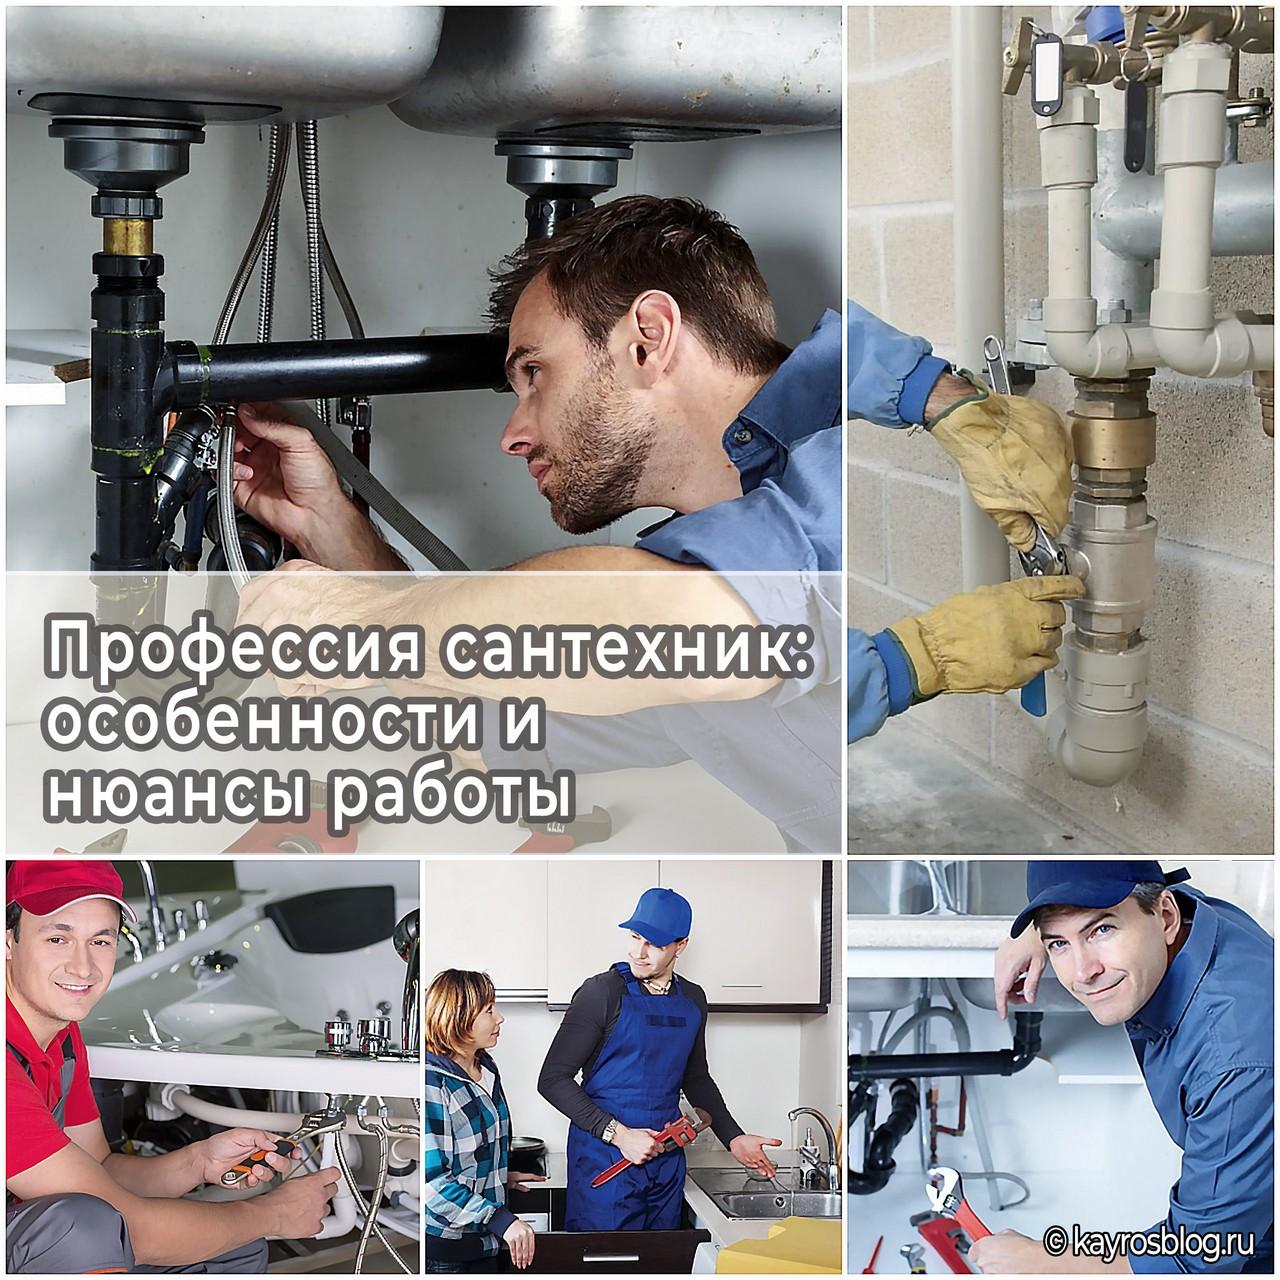 Профессия сантехник: особенности и нюансы работы